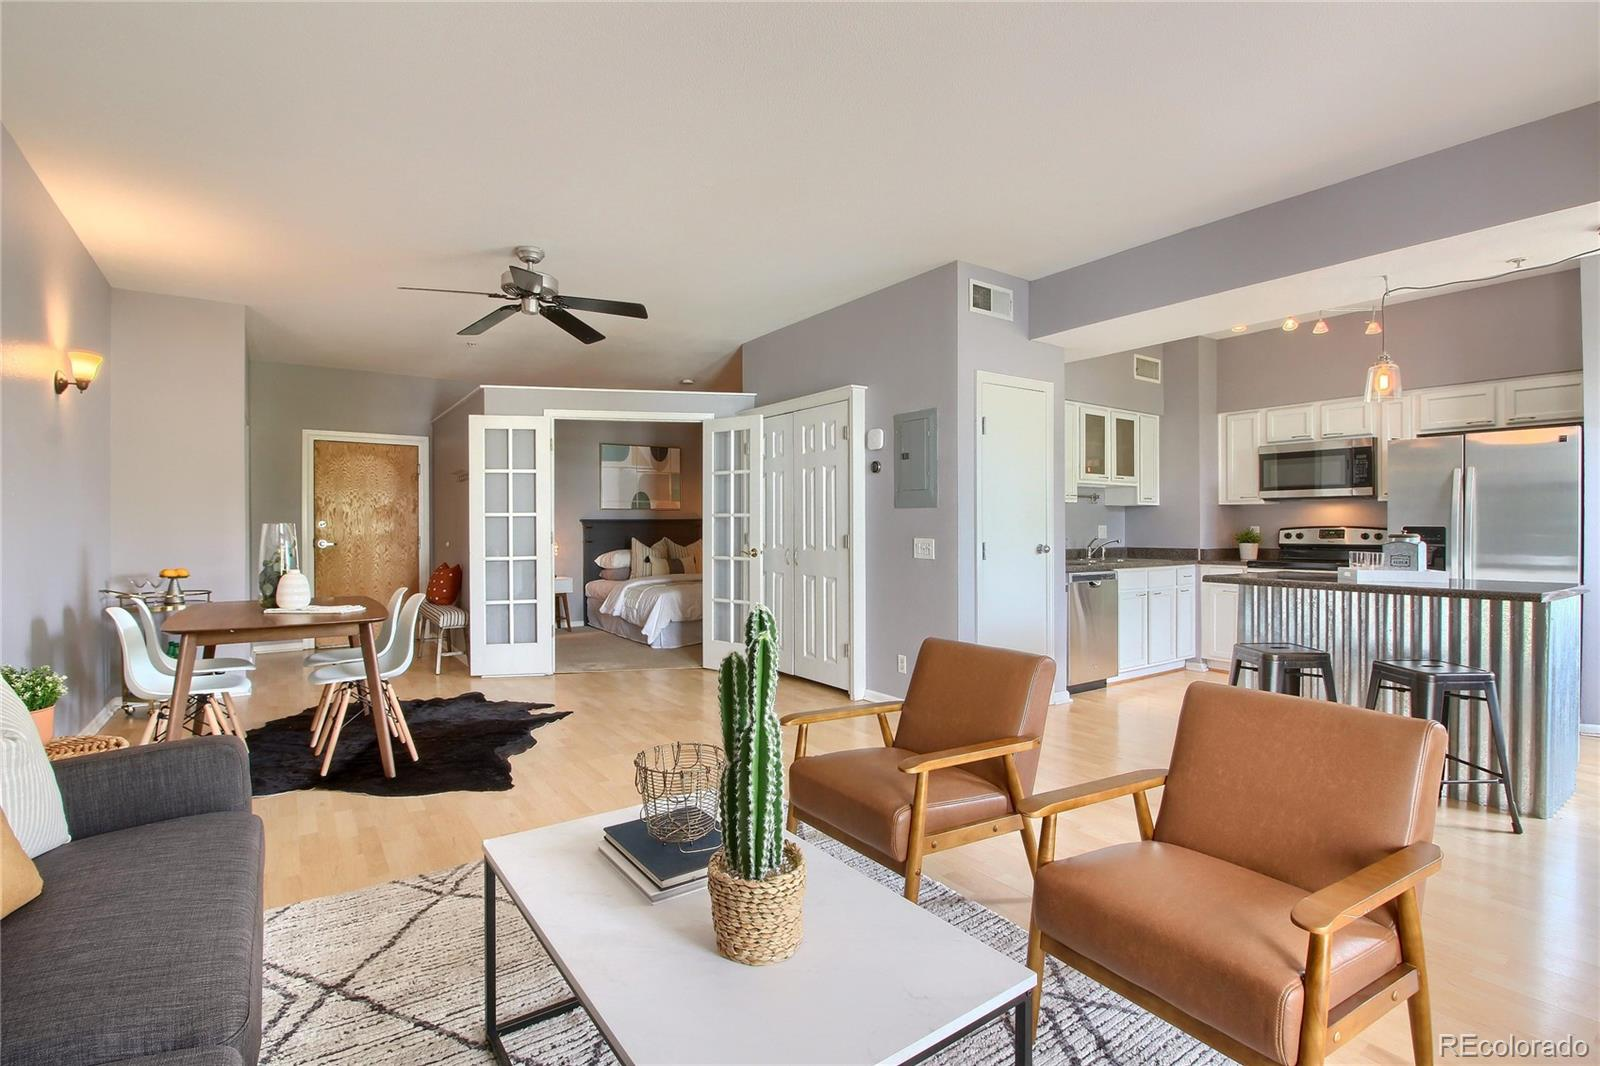 837 E 17th Avenue #2D, Denver, CO 80218 - Denver, CO real estate listing